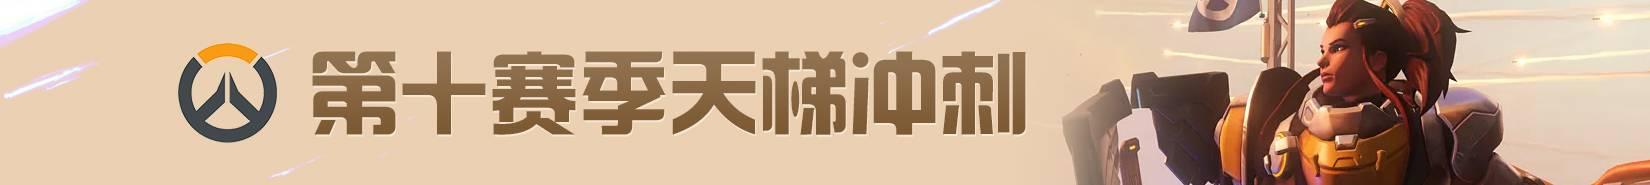 守望先锋第九赛季冲榜活动